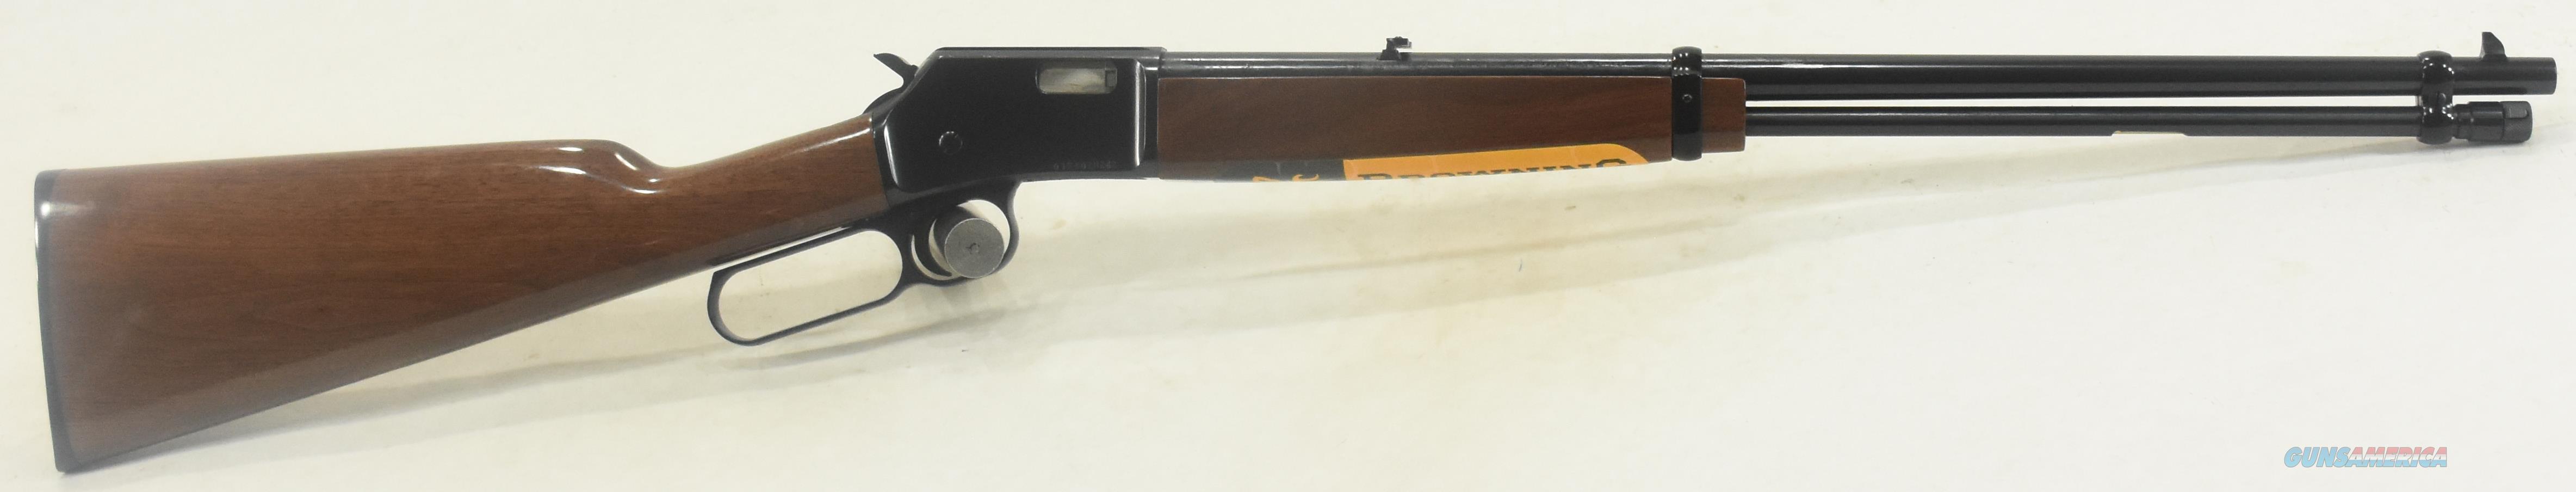 BL-22 Walnut Grade I 22LR 20In  024100103  Guns > Rifles > Browning Rifles > Semi Auto > Hunting